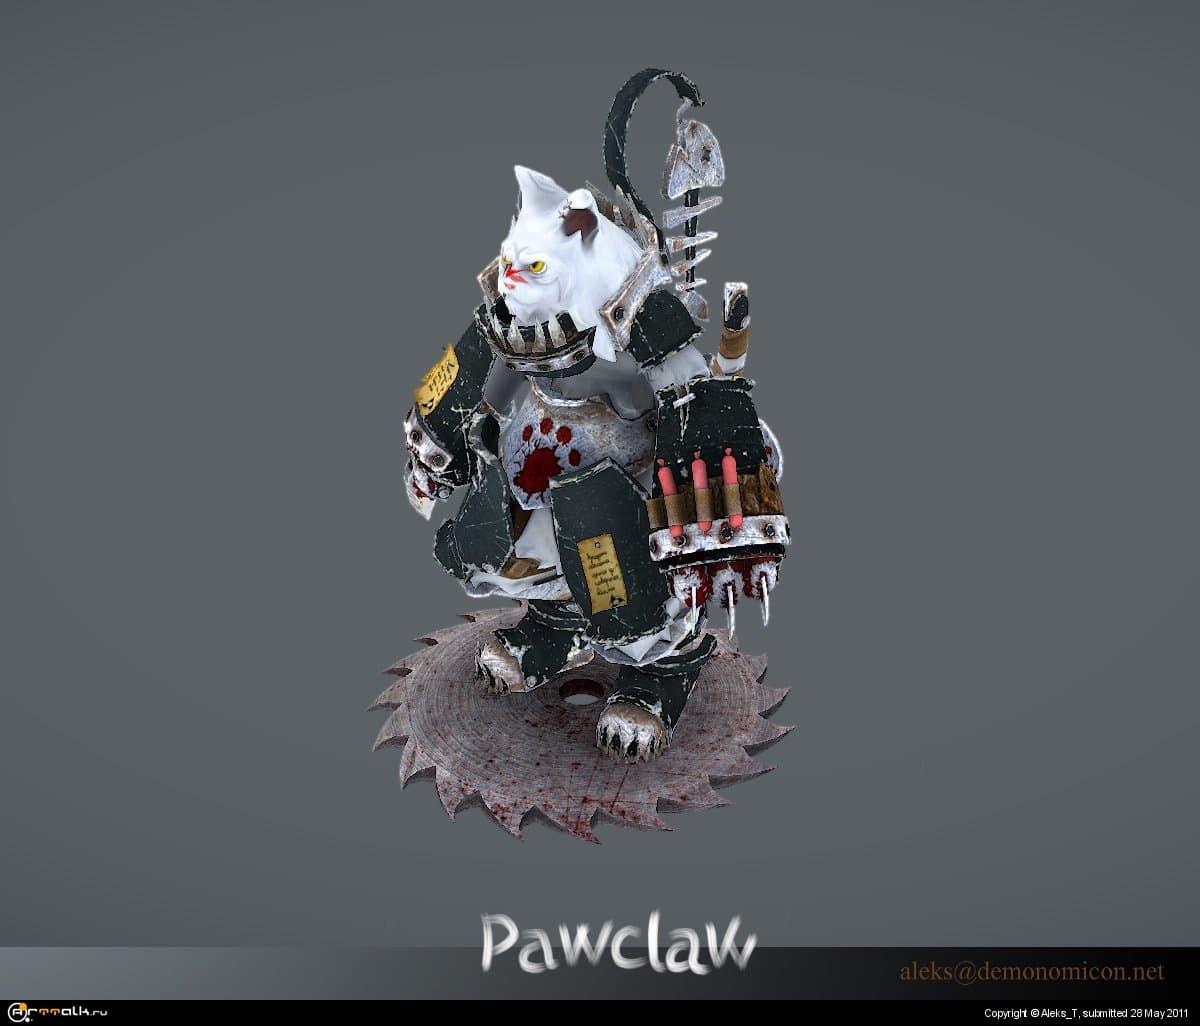 Pawclaw